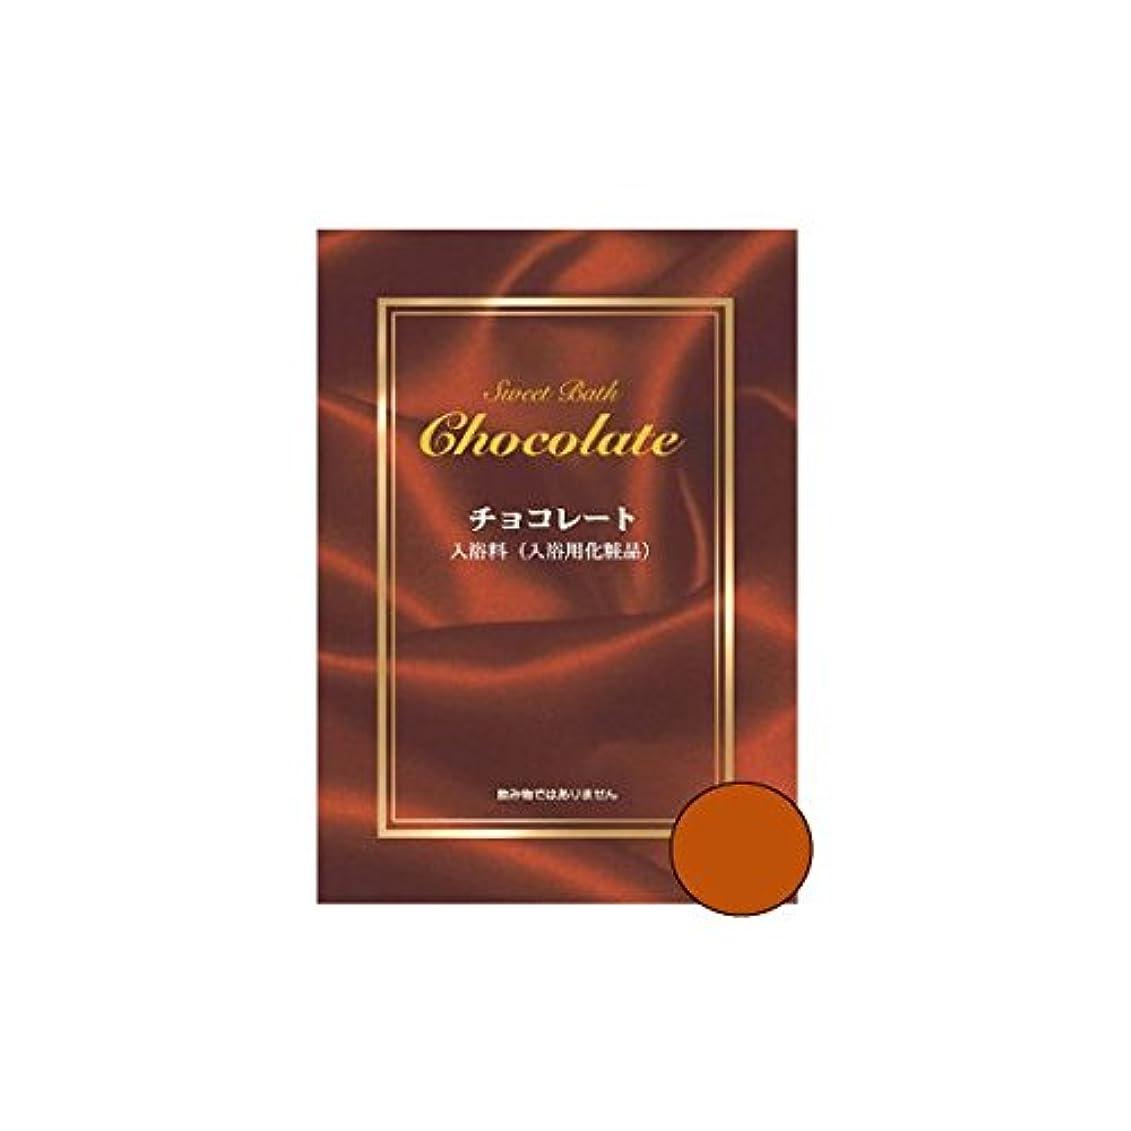 収益規模なる【10包】スウィートバス チョコレート入浴料